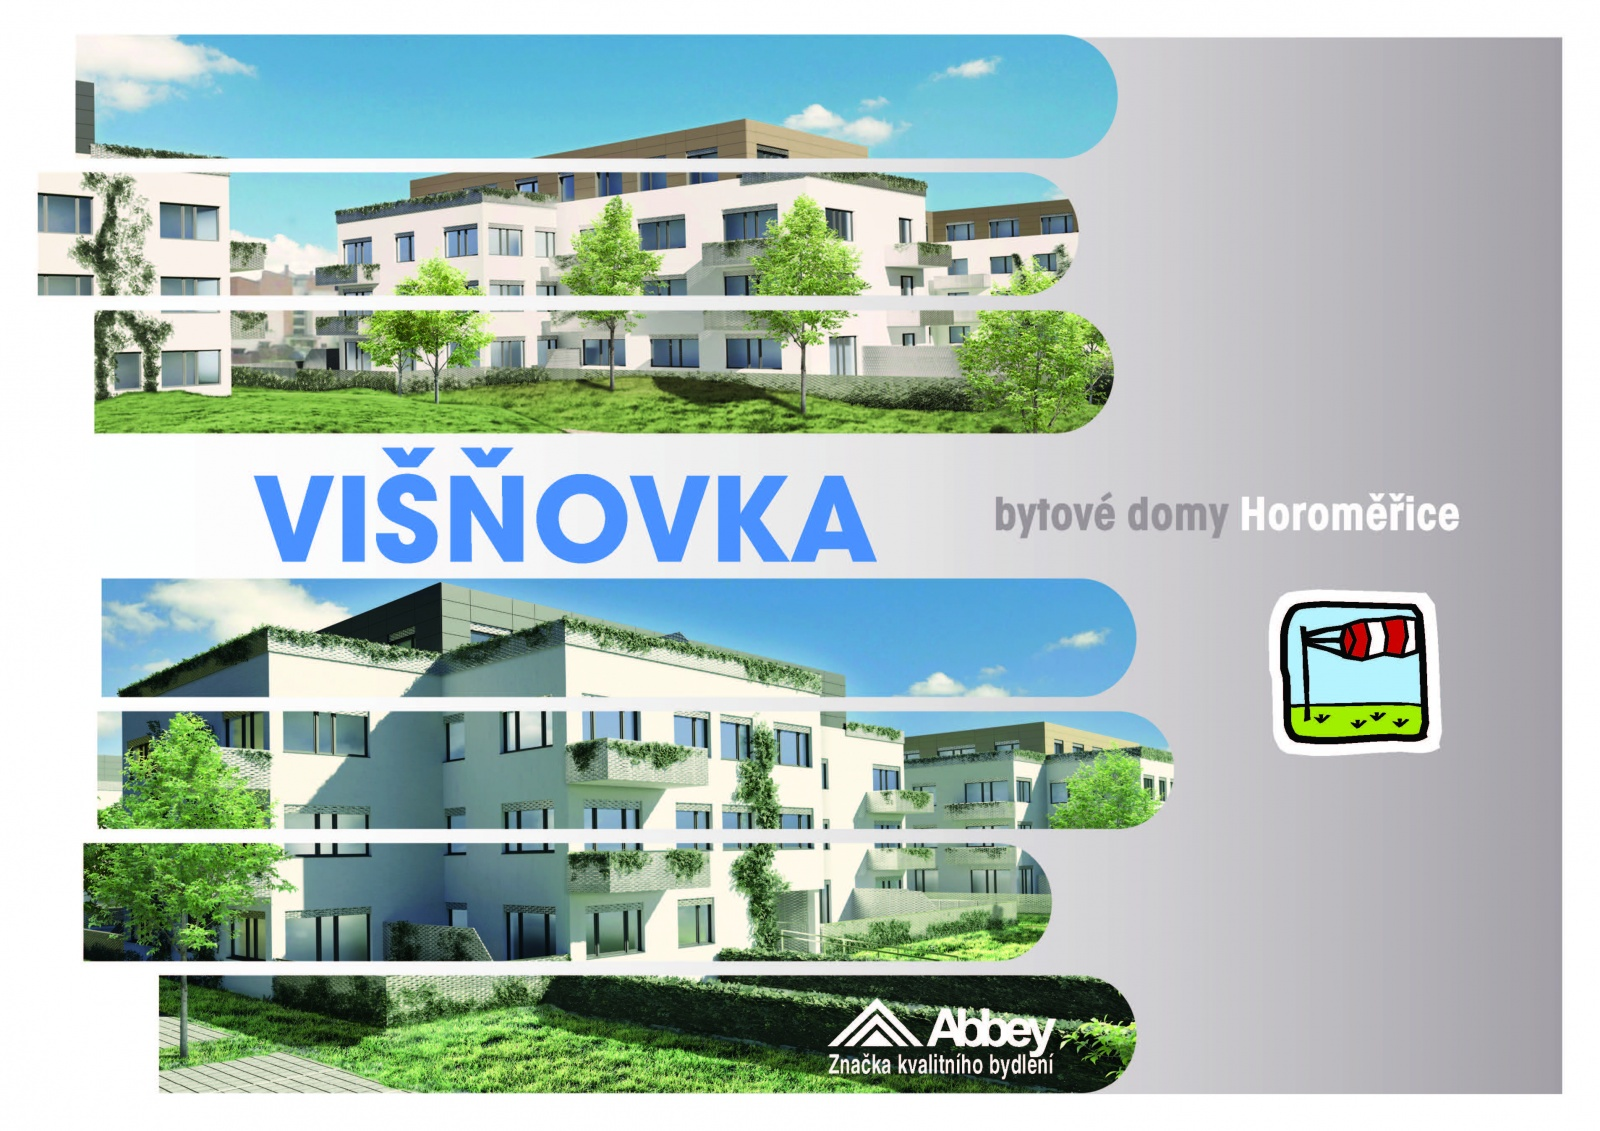 Byt 4+kk, 117,30 m2, Horoměřice, Projekt Višnovka - bytové domy